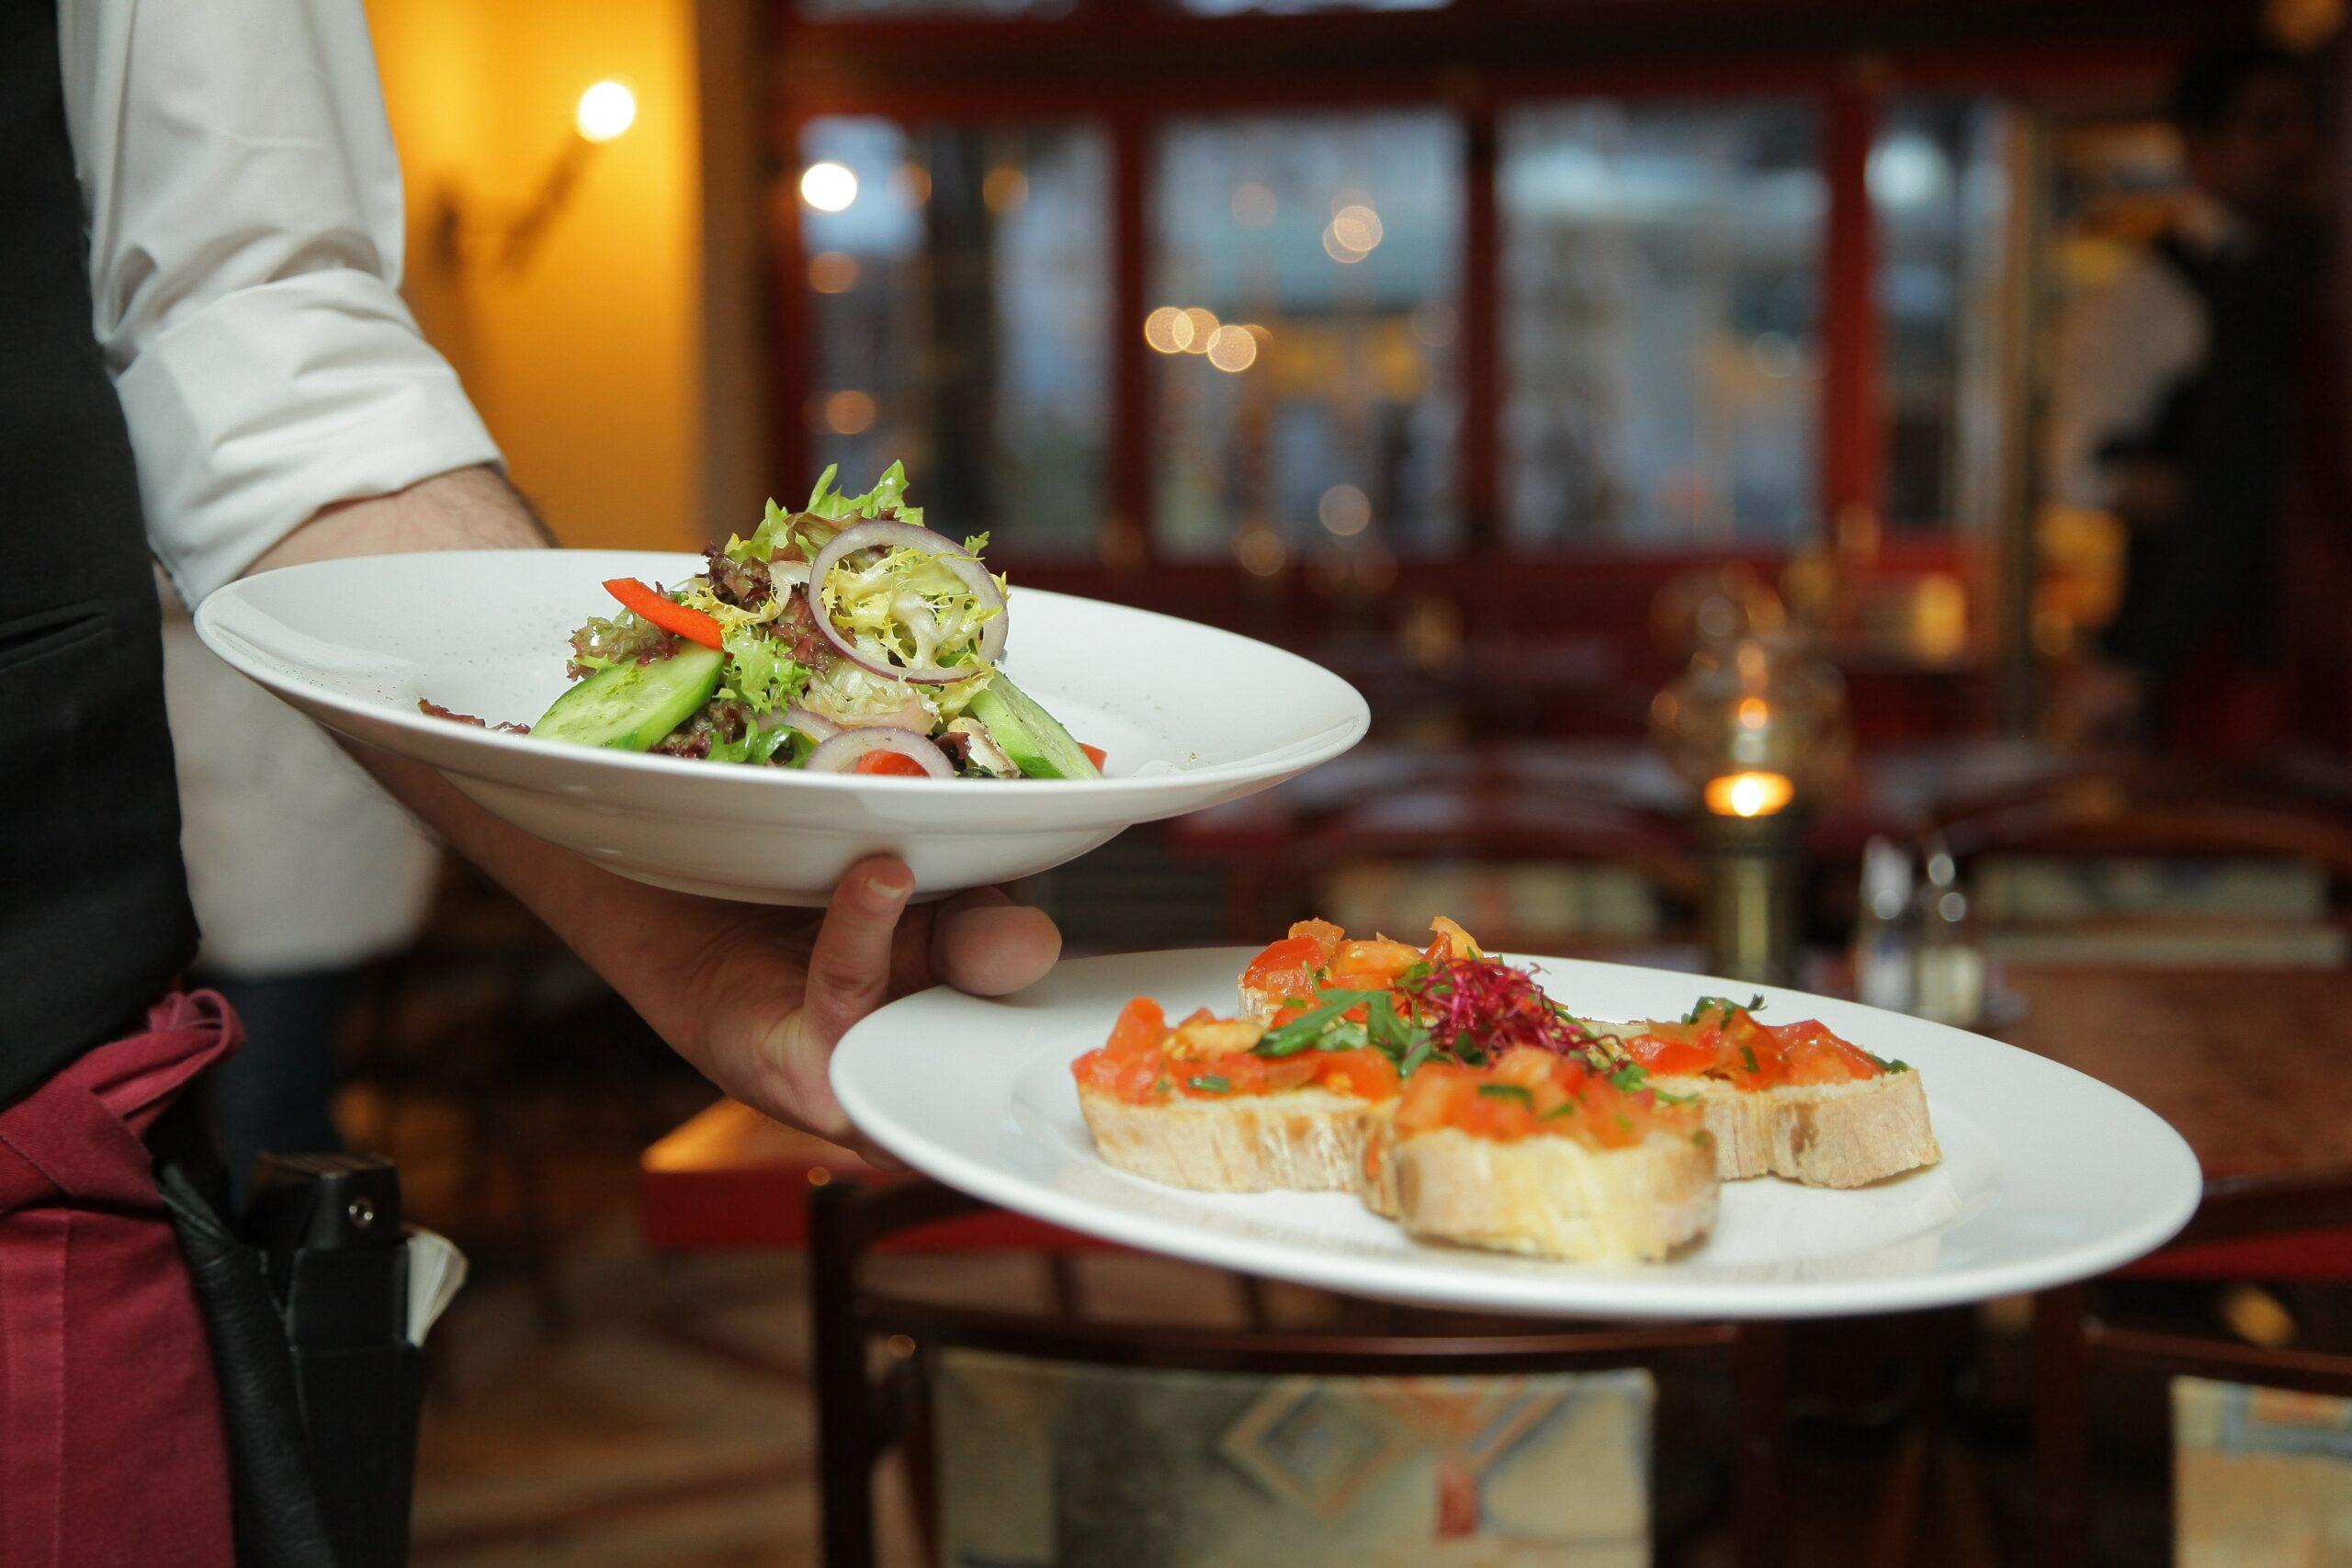 Lavoro, nei bar e ristoranti bergamaschi mancano oltre 4 mila camerieri e addetti in sala